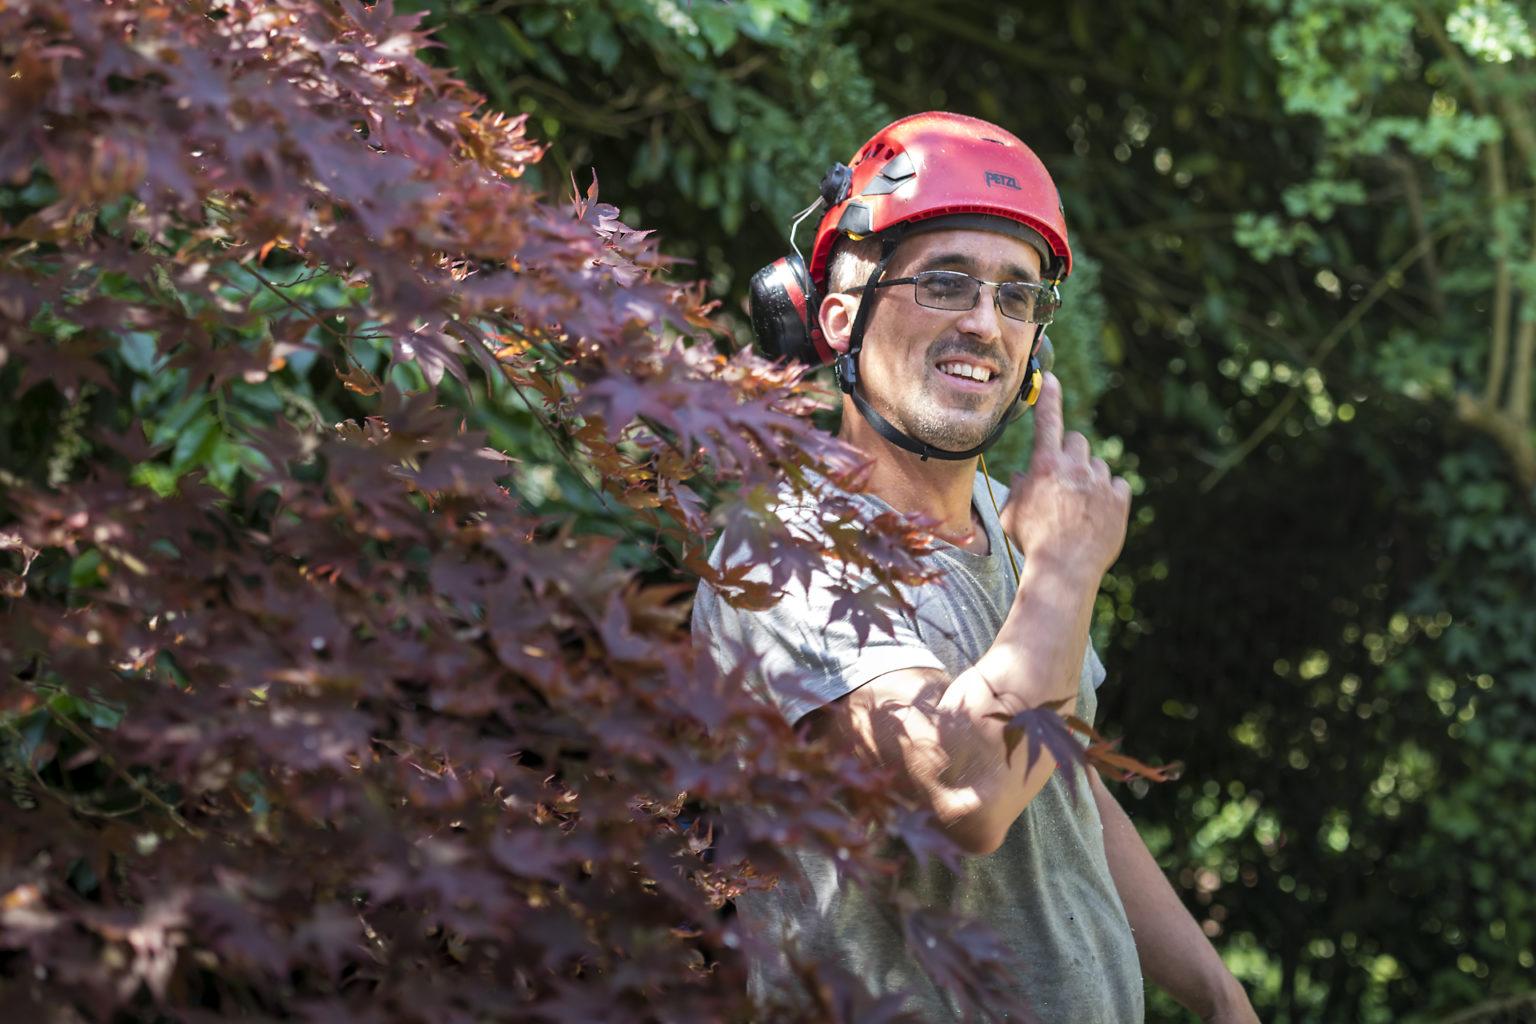 Portrait de Nico l'arboriste, arboristepar Aurore Delsoir photographe d'entreprise